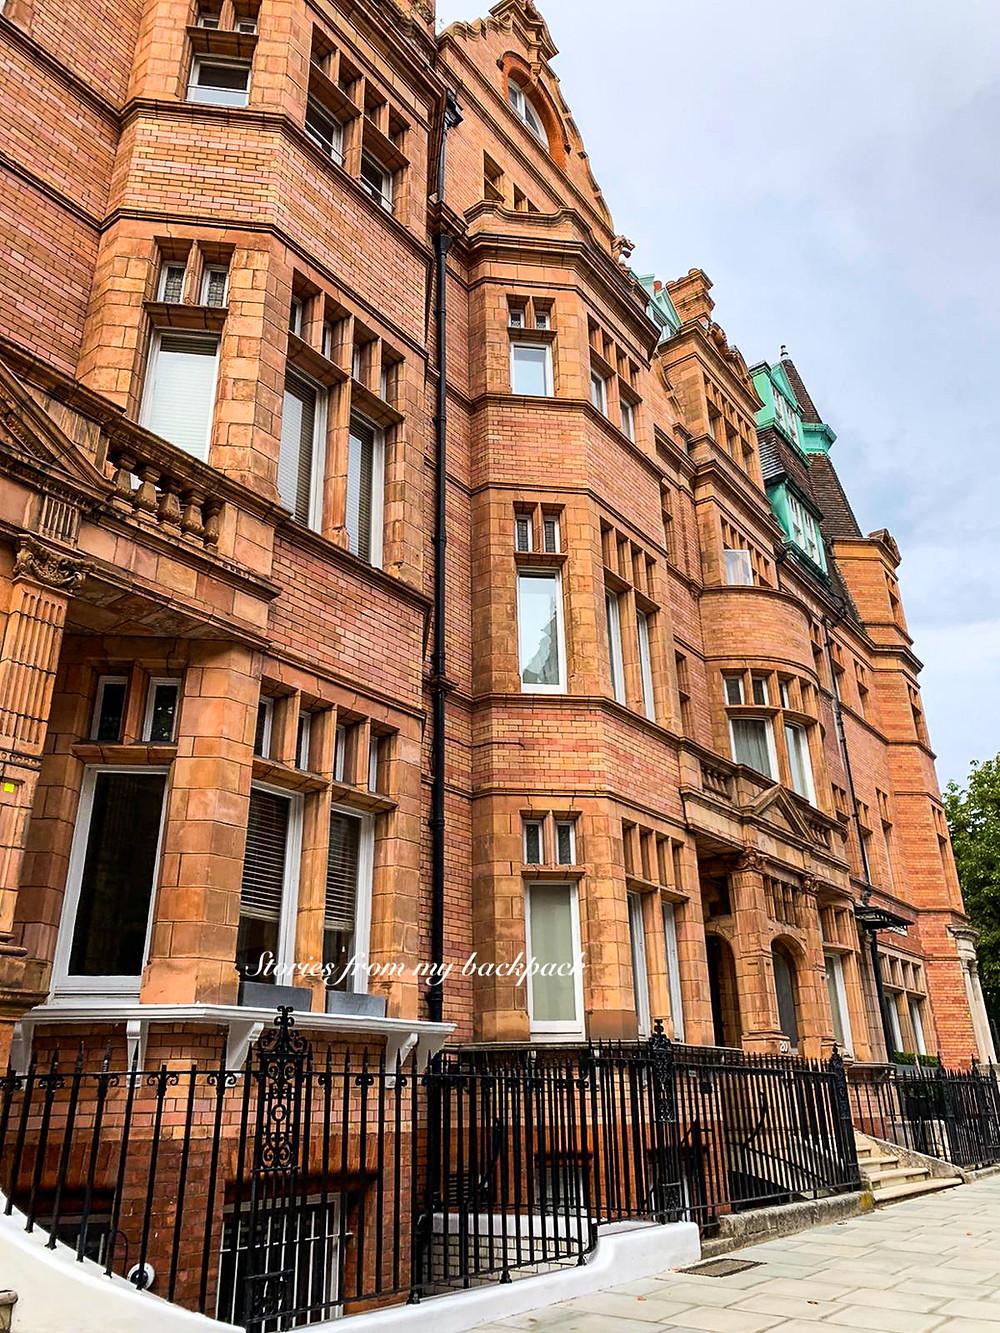 St James' Park London, Best neighbourhoods in London, Pretty neighbourhoods in London, Beautiful streets in London, soho